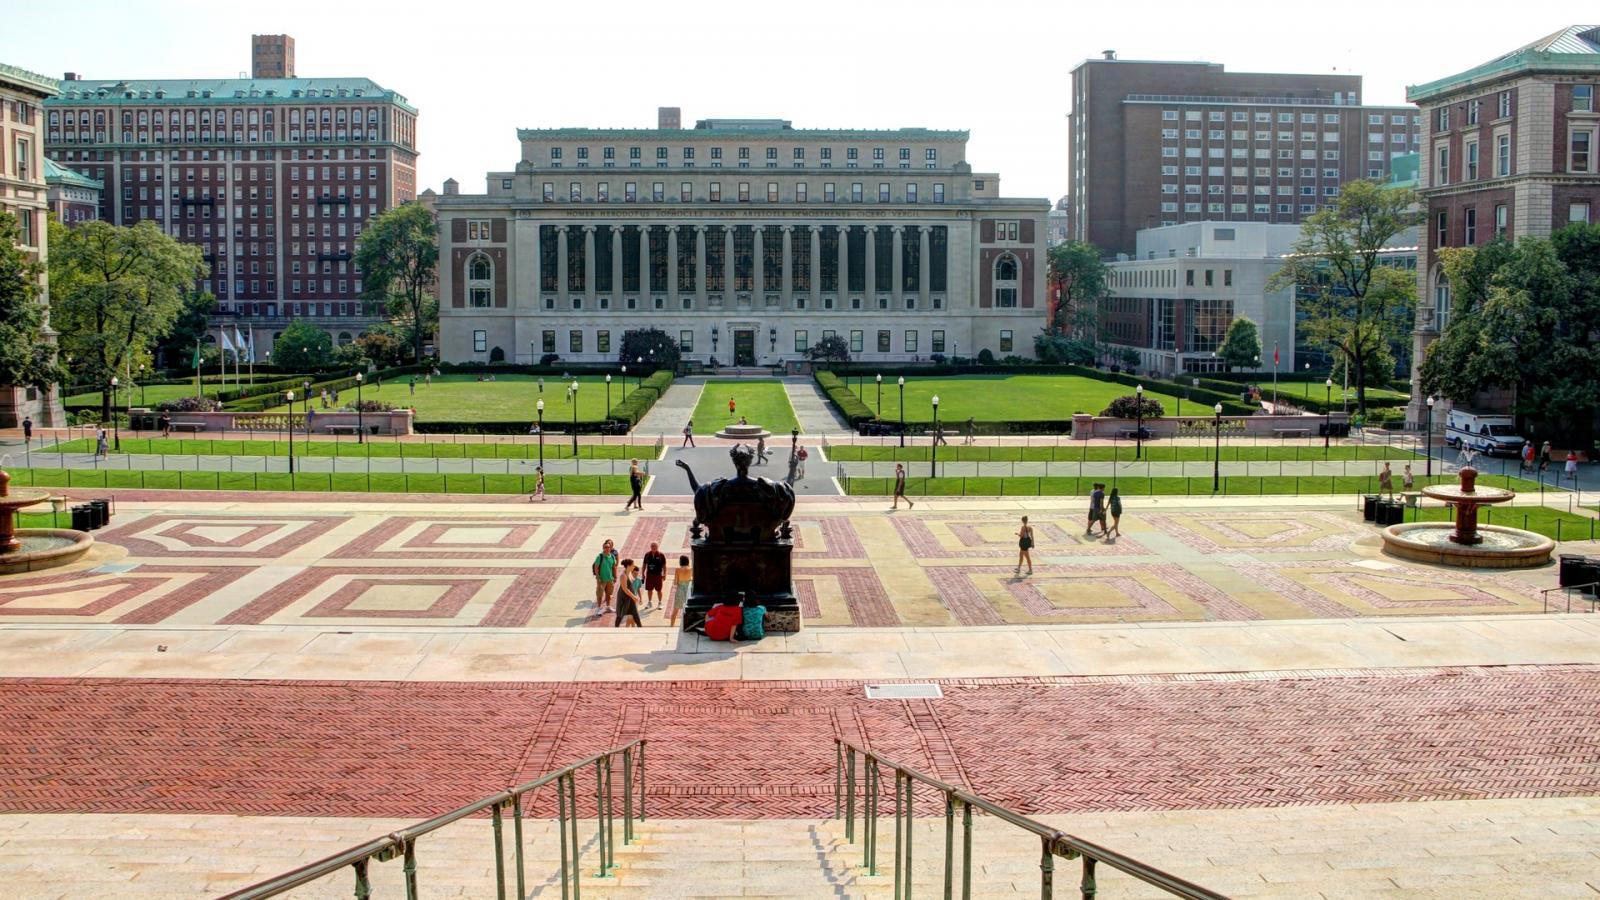 Columbia Üniversitesi Yaz Okulu - Amerika'da Yaz Okulu Programı